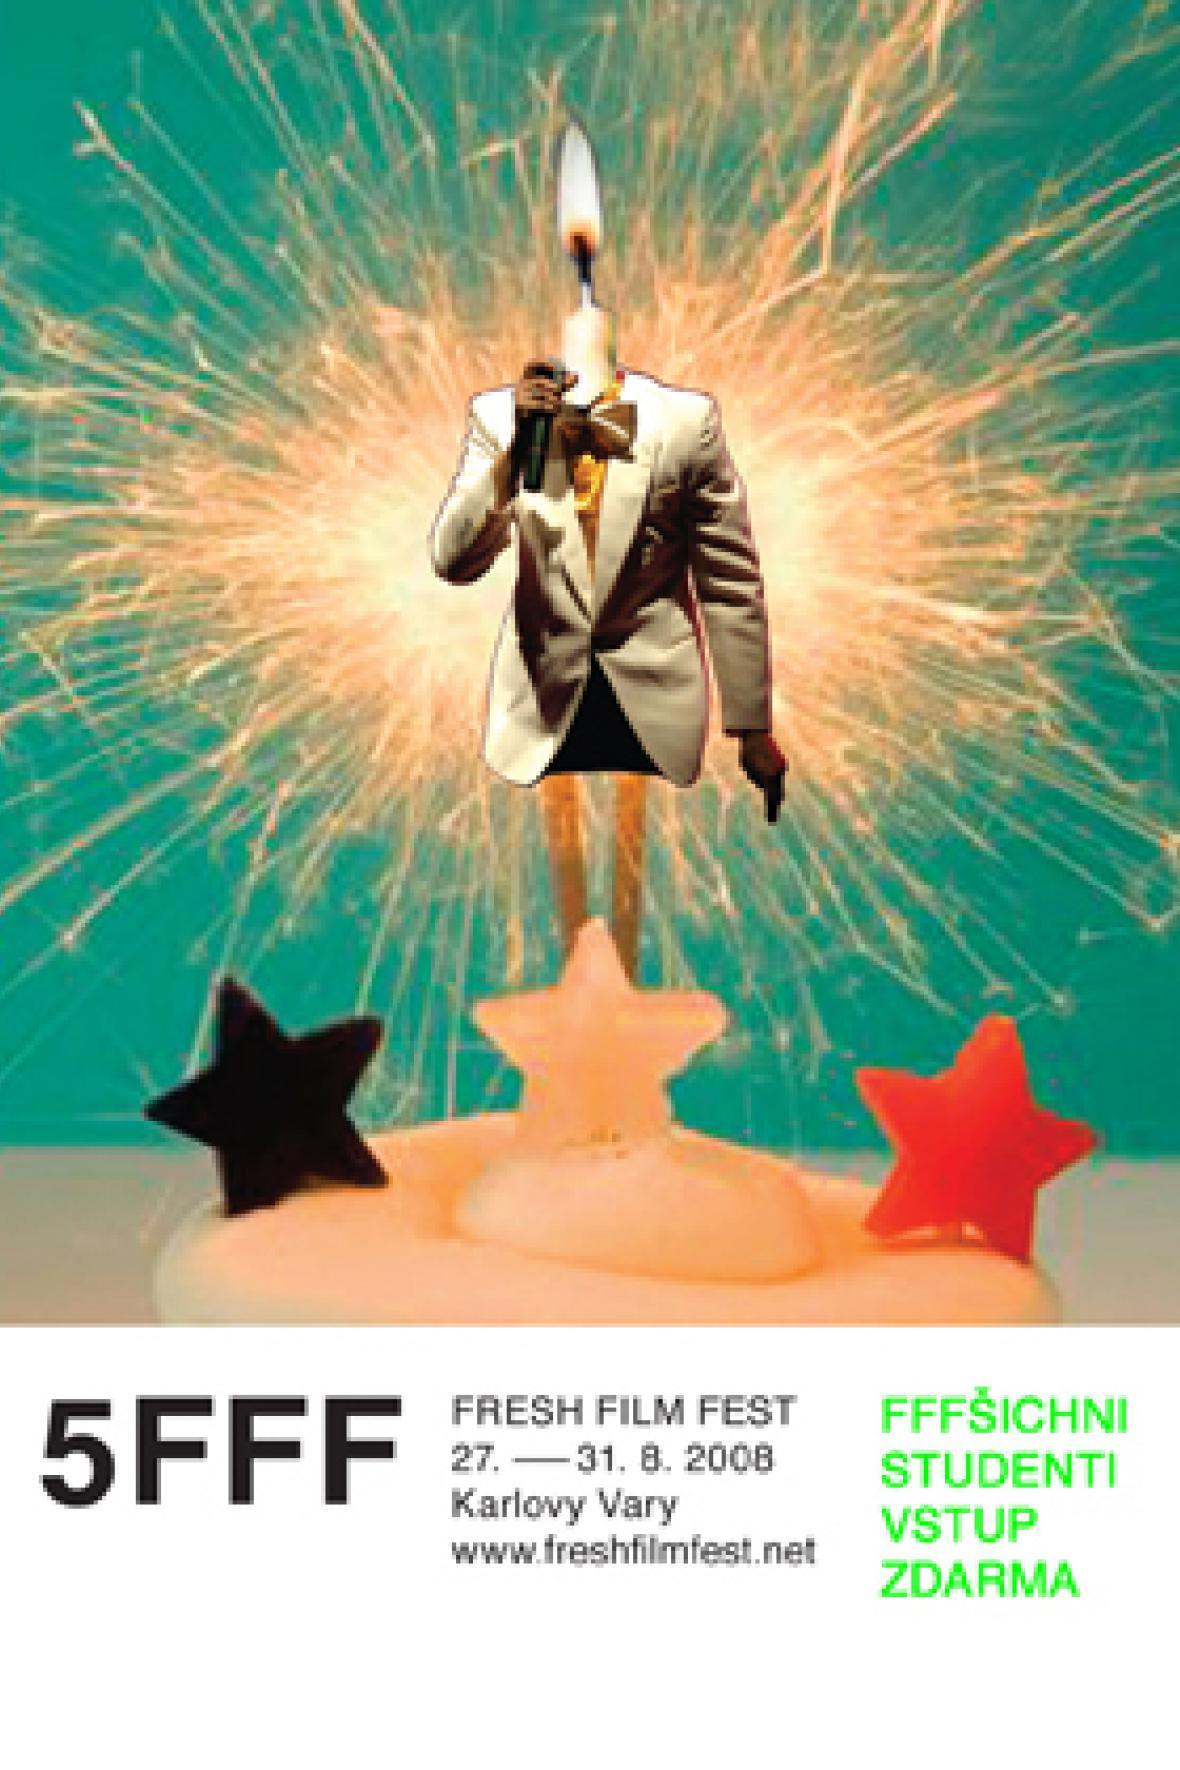 Fresh Film Fest 2008